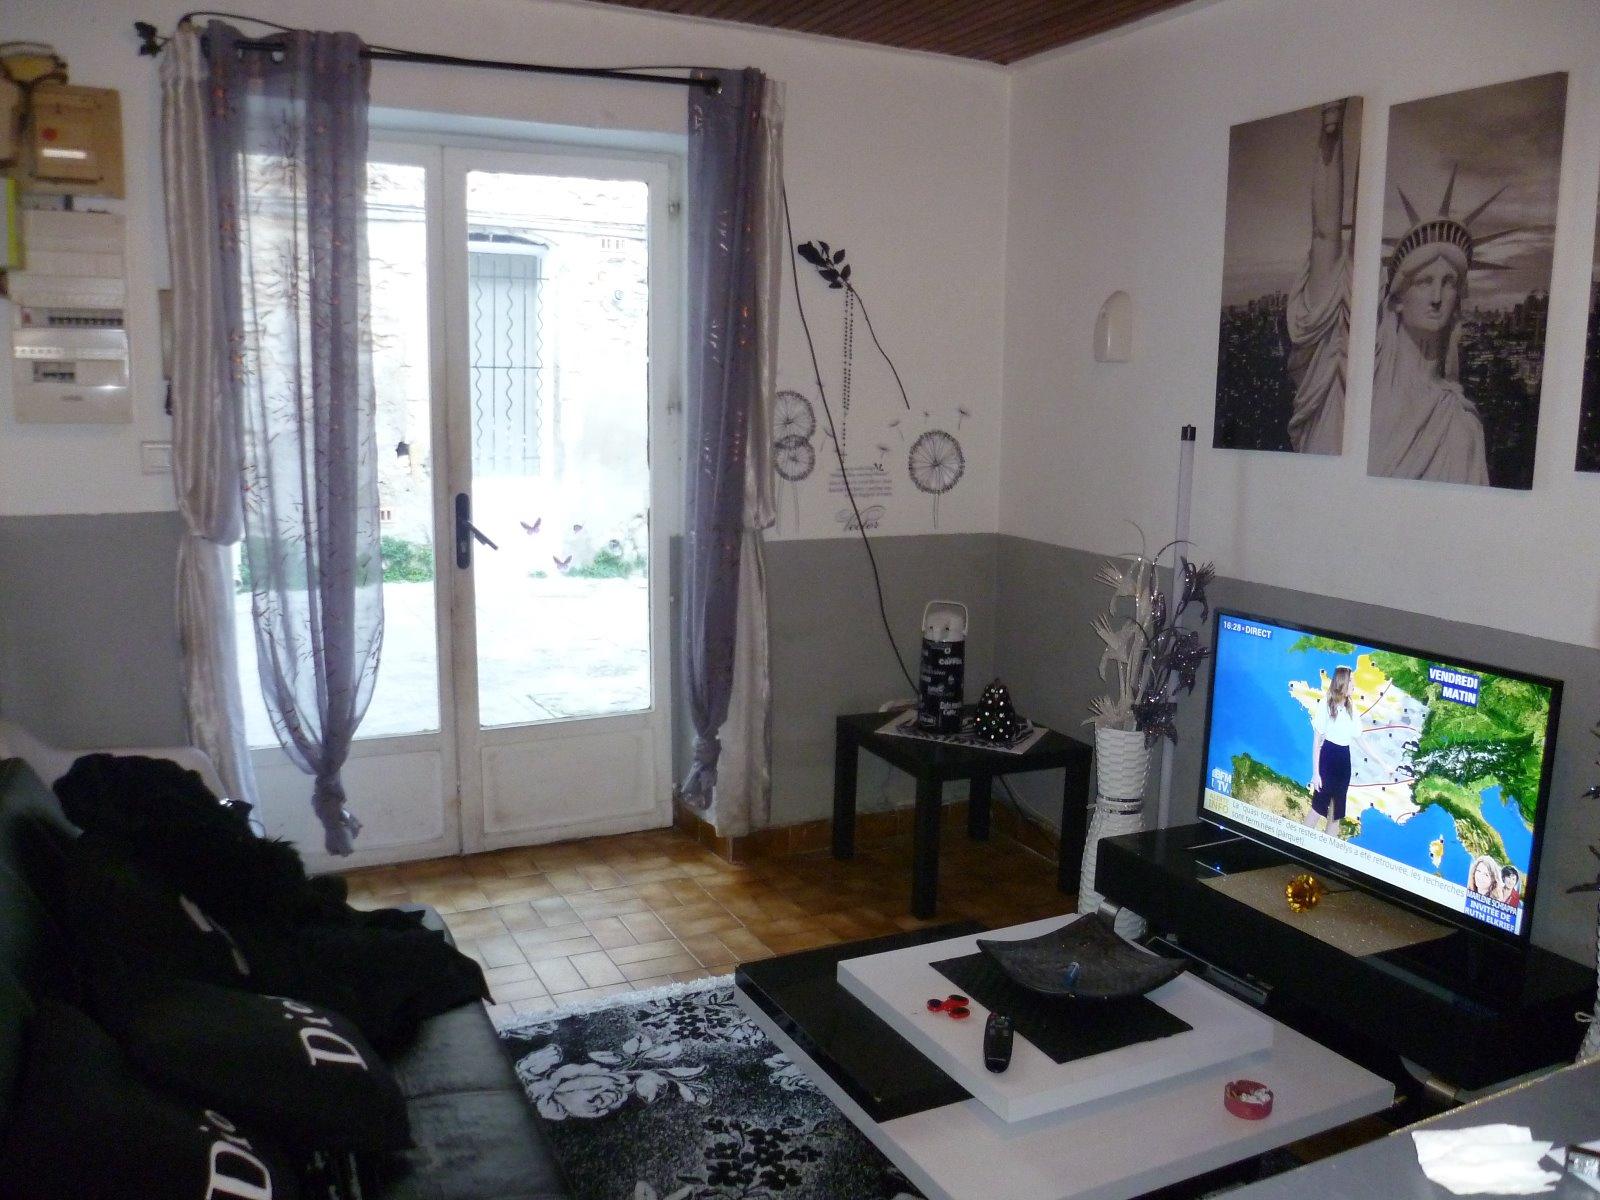 Richelieu Lots de 3 appartements, 2 piècesAgence immobilière Nîmes